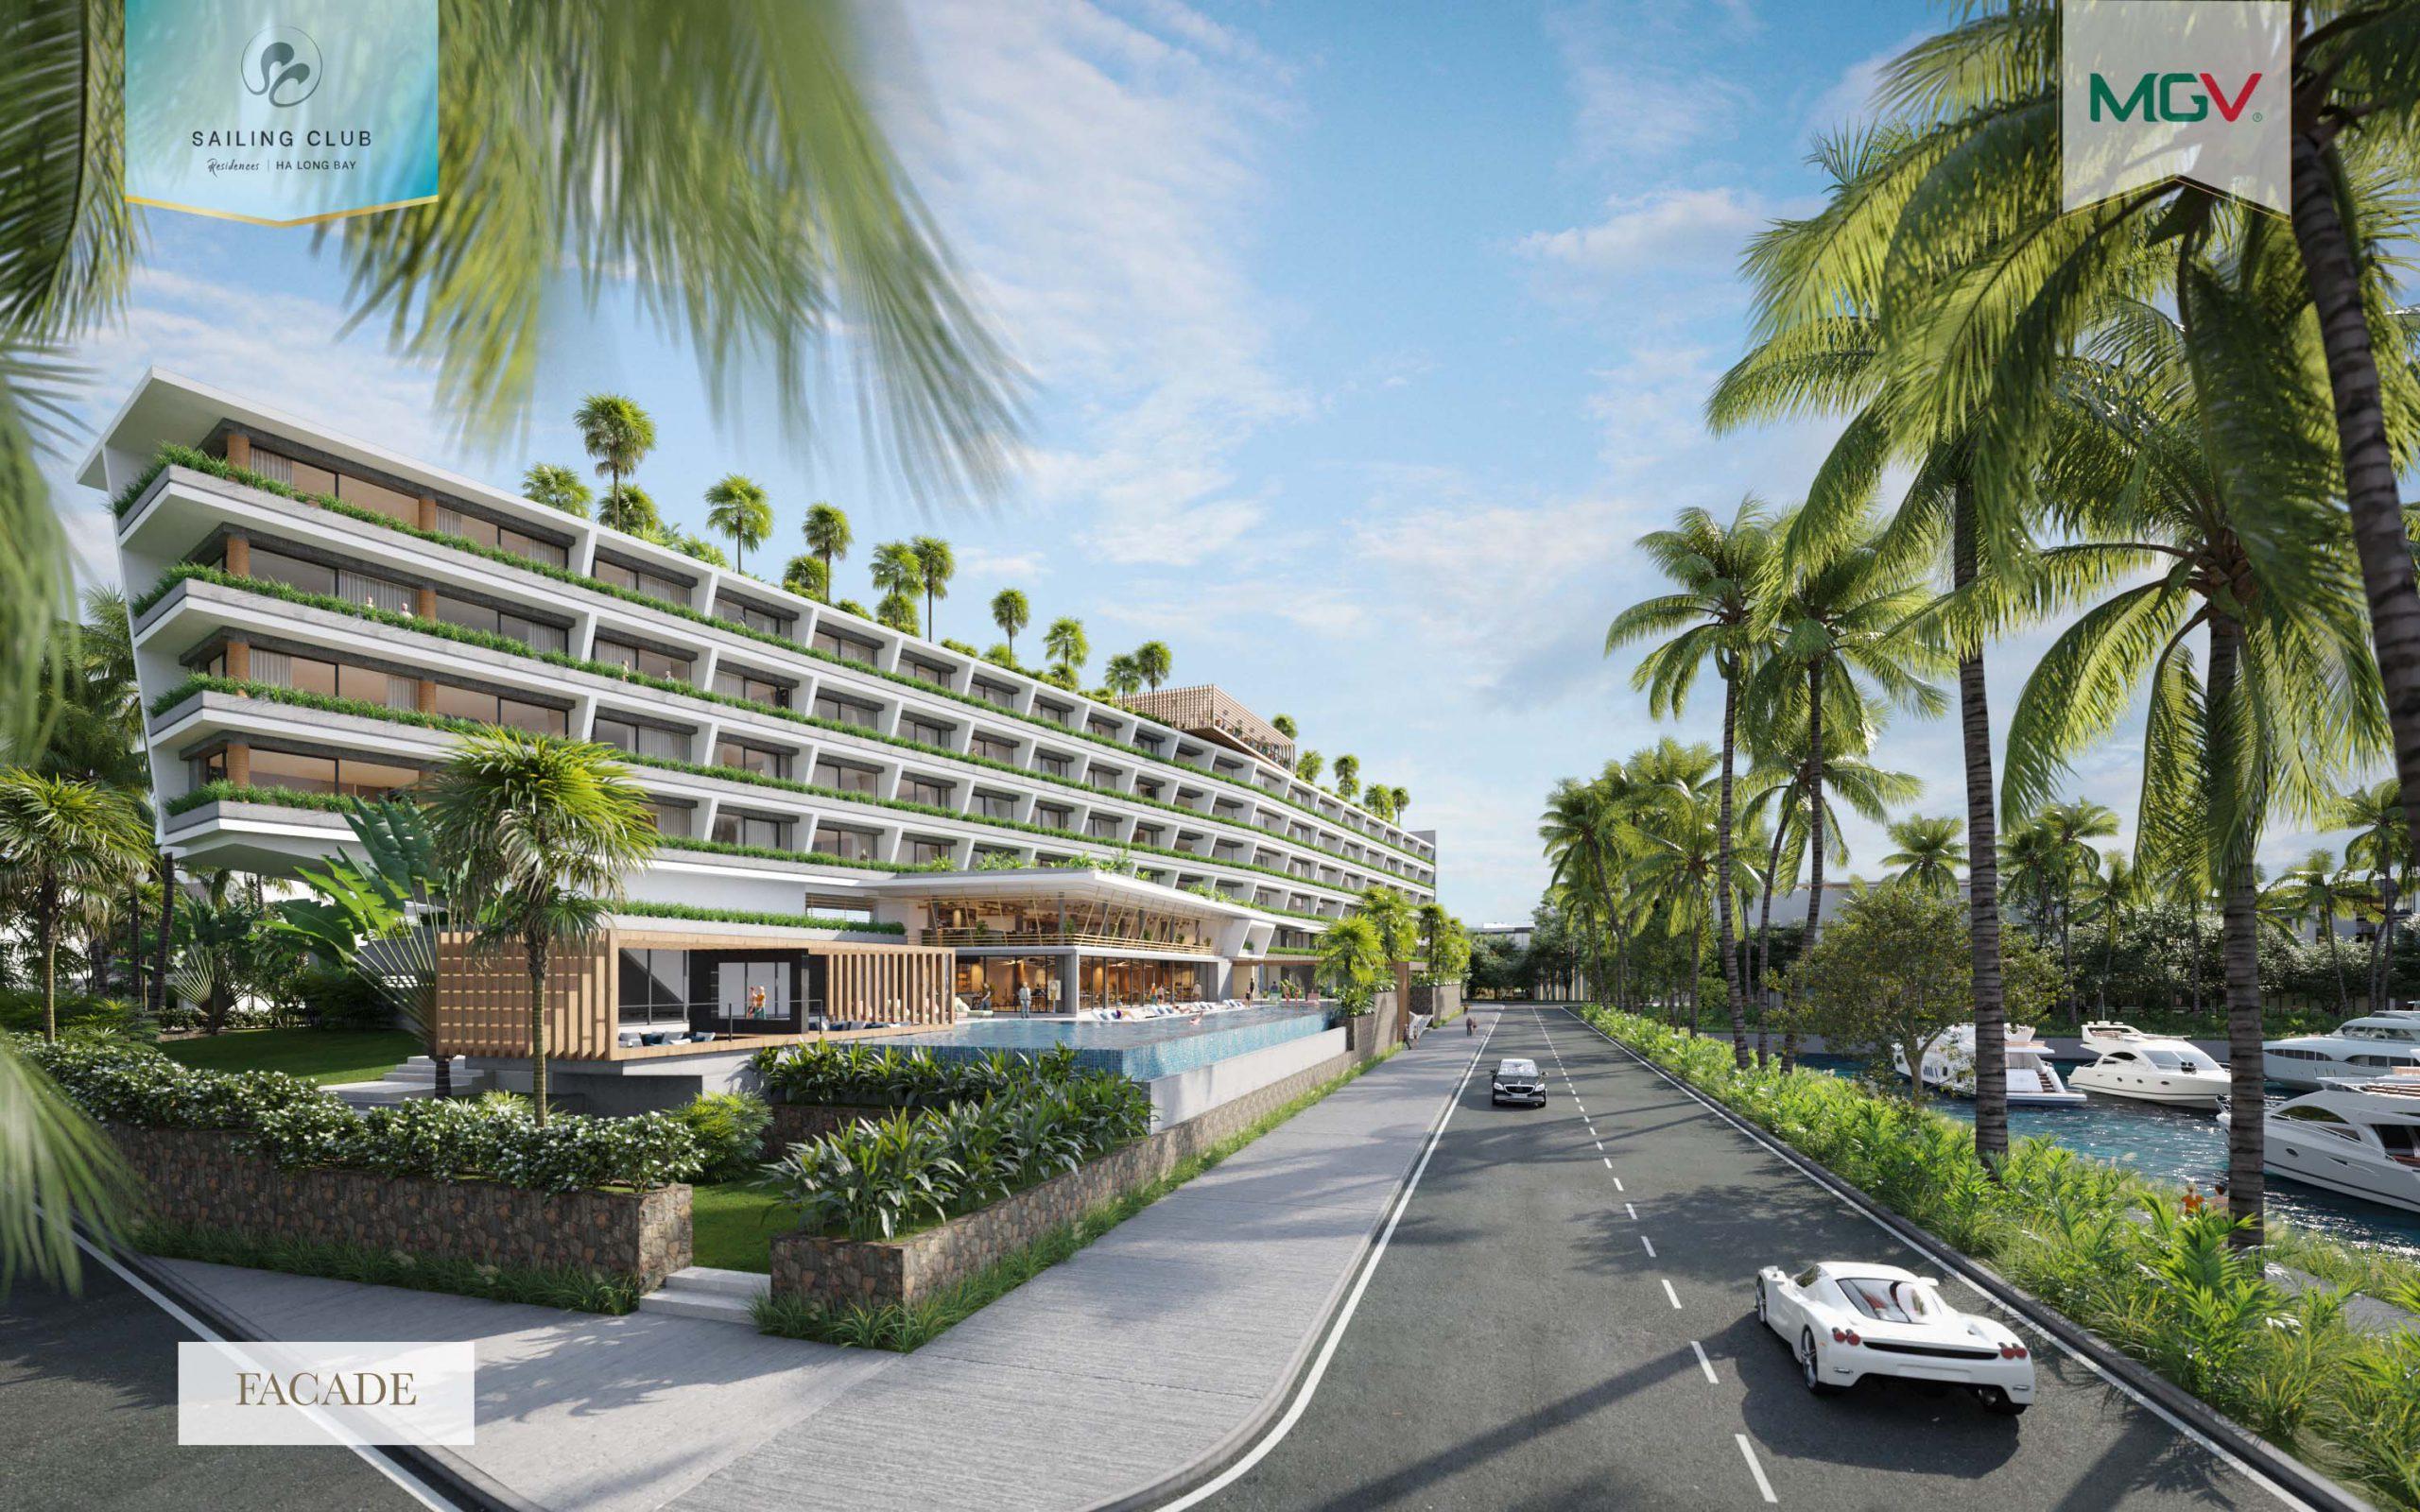 Tổ hợp khách sạn Sailing Club Residences Ha Long Bay